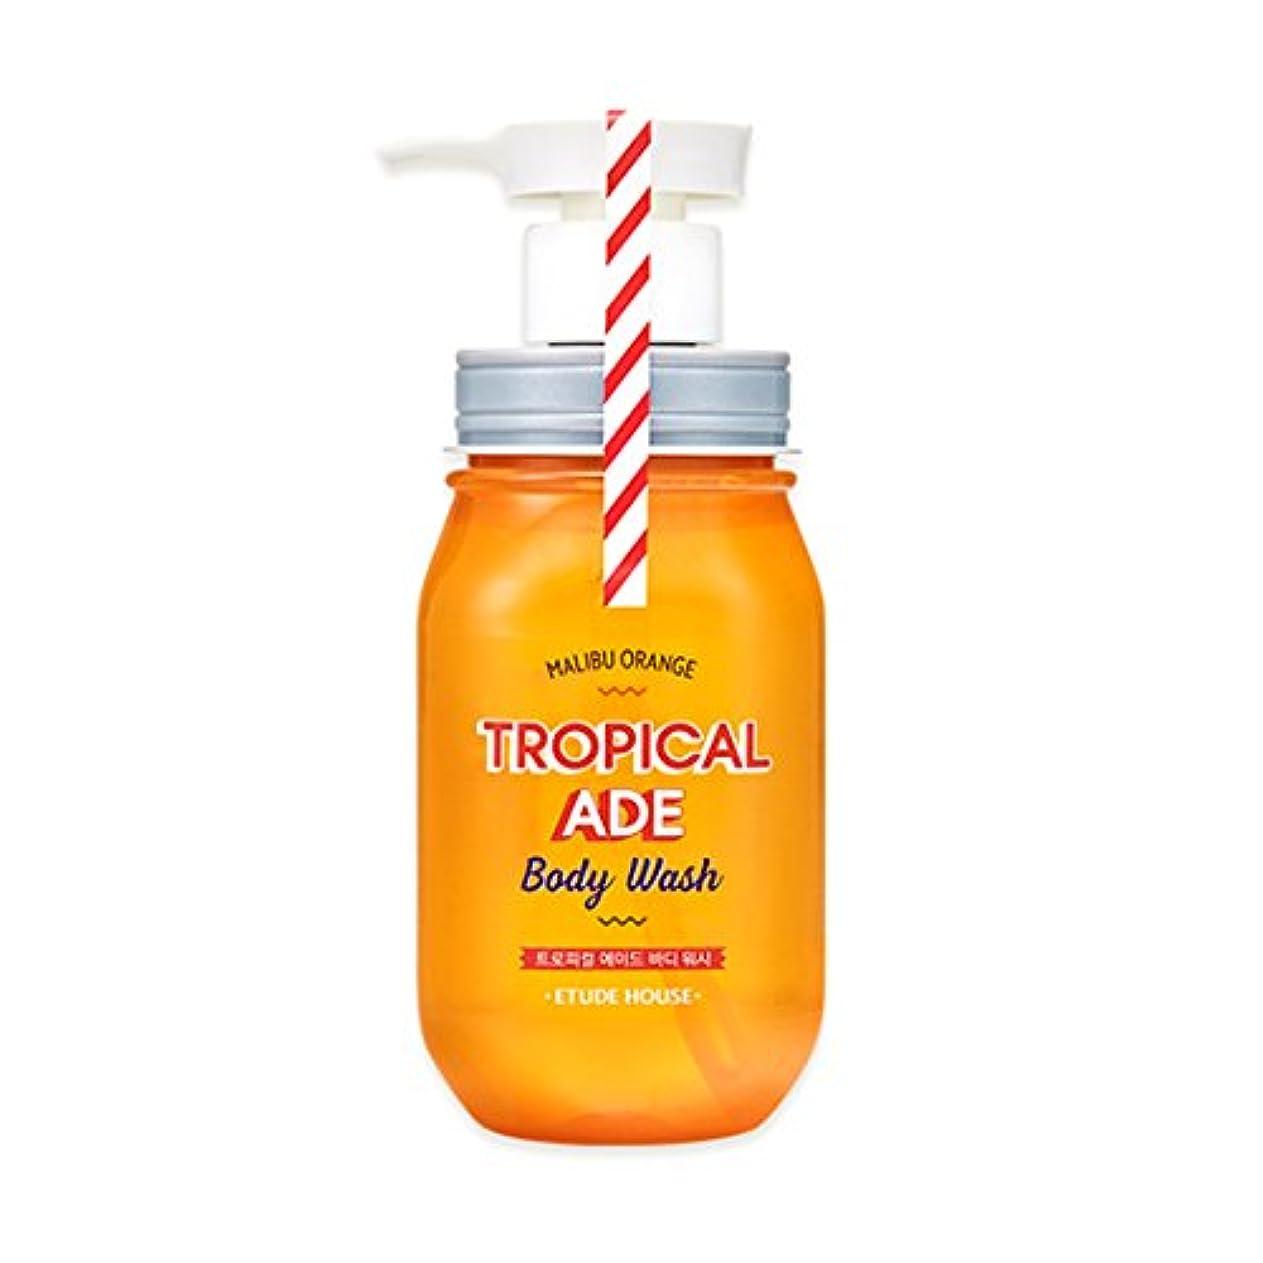 彼らスペクトラムええETUDE HOUSE TROPICAL ADE Body Wash # Malibu Orange /エチュードハウス トロピカルエイドボディウォッシュ 300ml [並行輸入品]